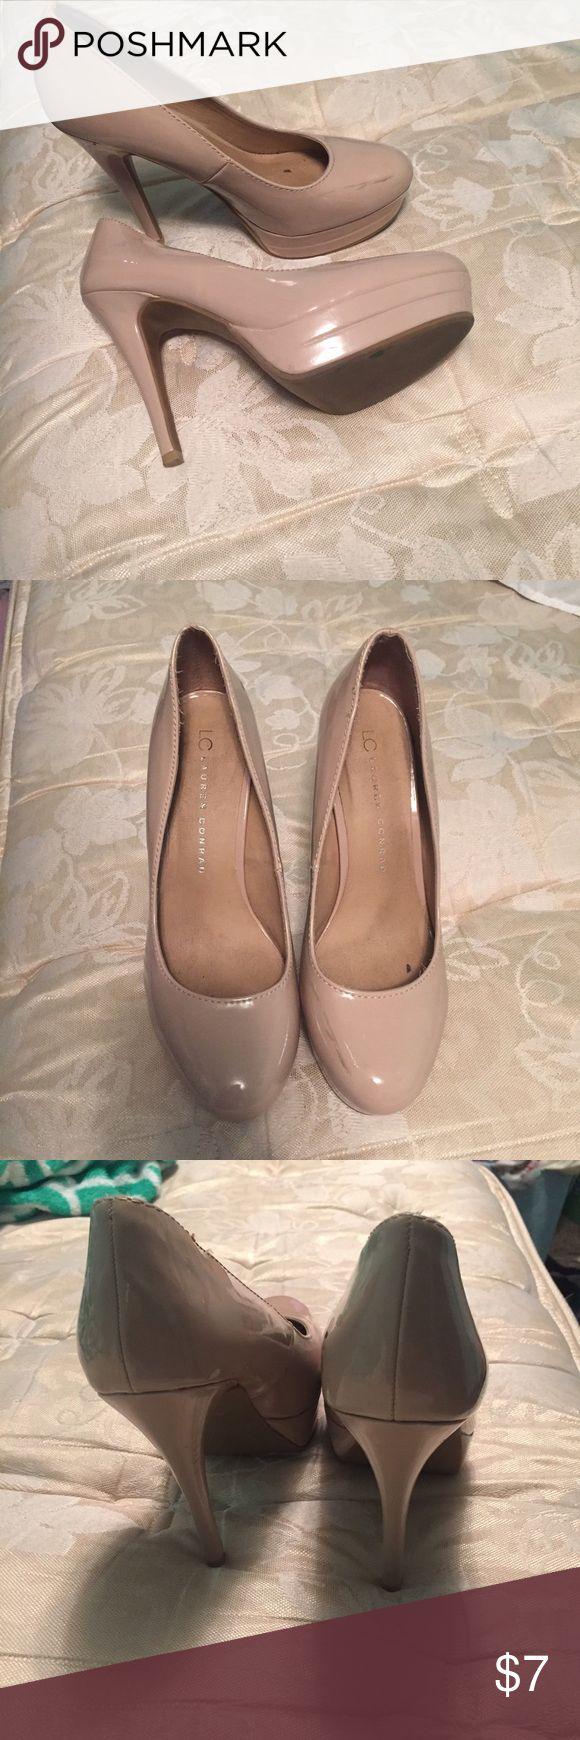 Lauren Conrad Nude 3 inch heels 3 inch nude heels. Closed toe LC Lauren Conrad Shoes Heels